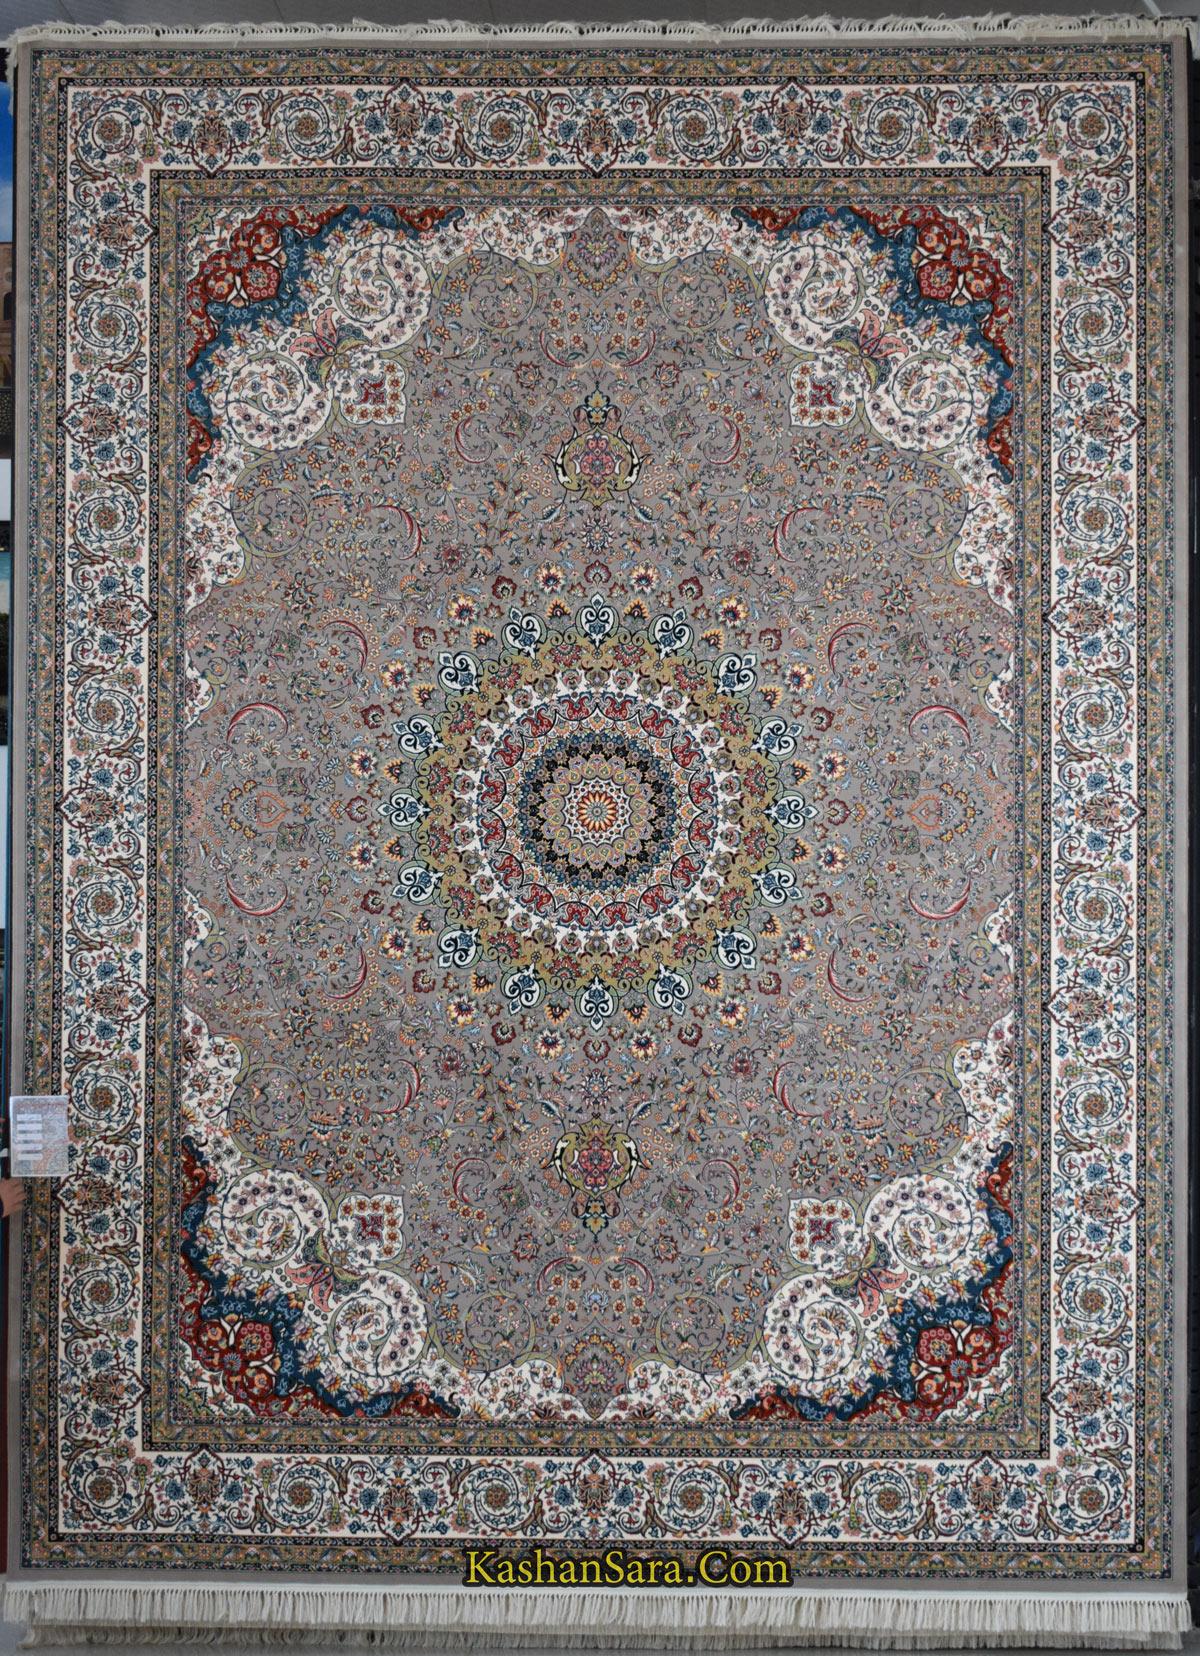 فرش طرح سهراب ۱۰۰۰ شانه فیلی